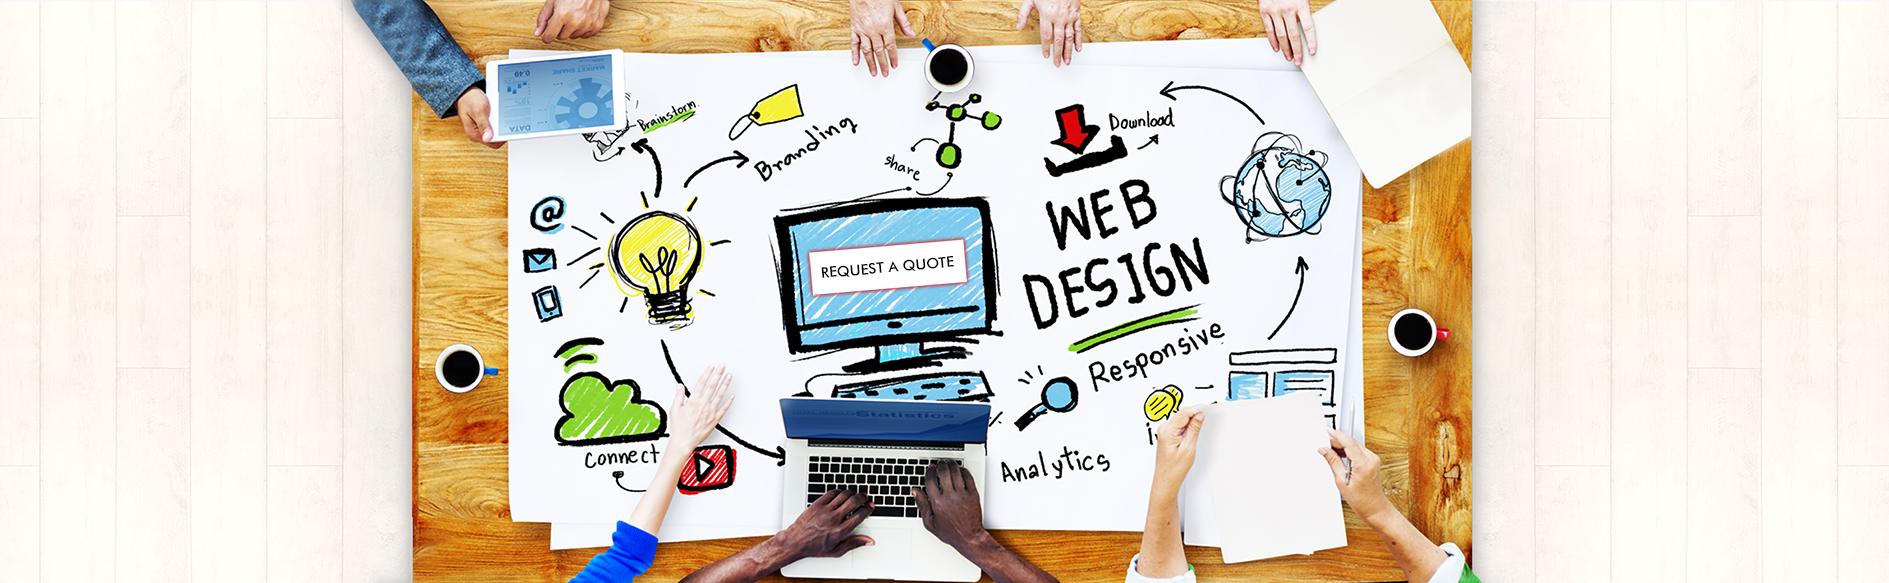 Web-Design_Slider.2